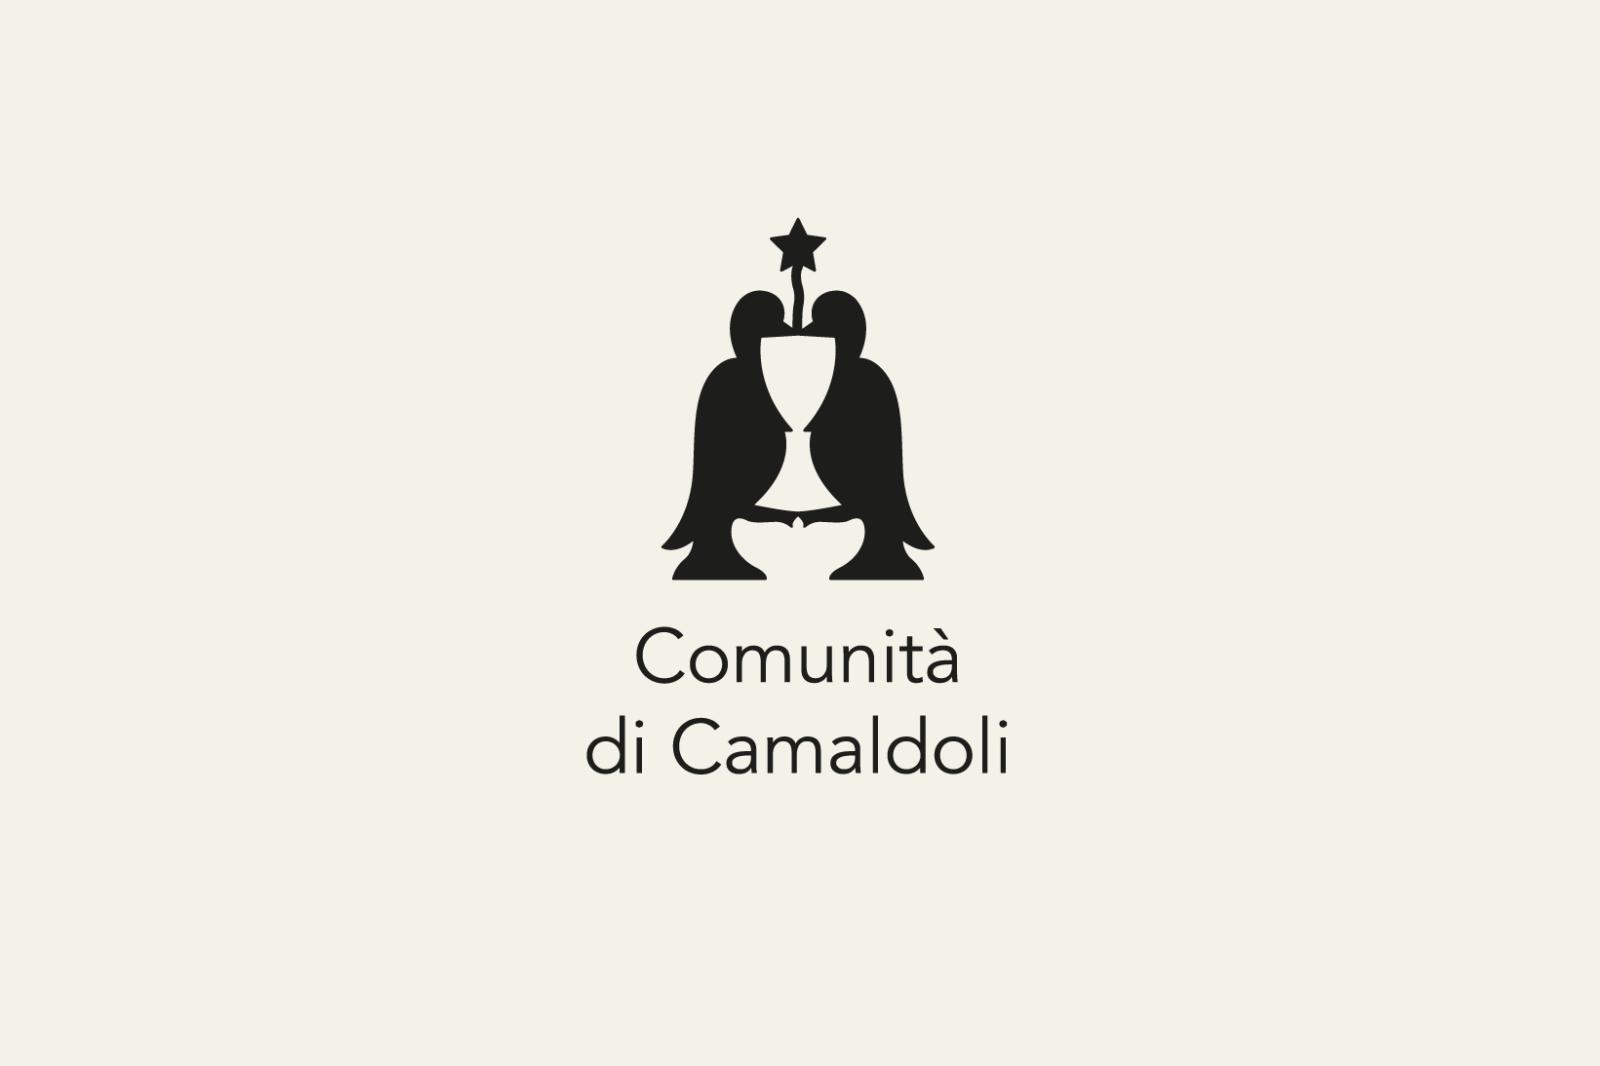 Comunità di Camaldoli